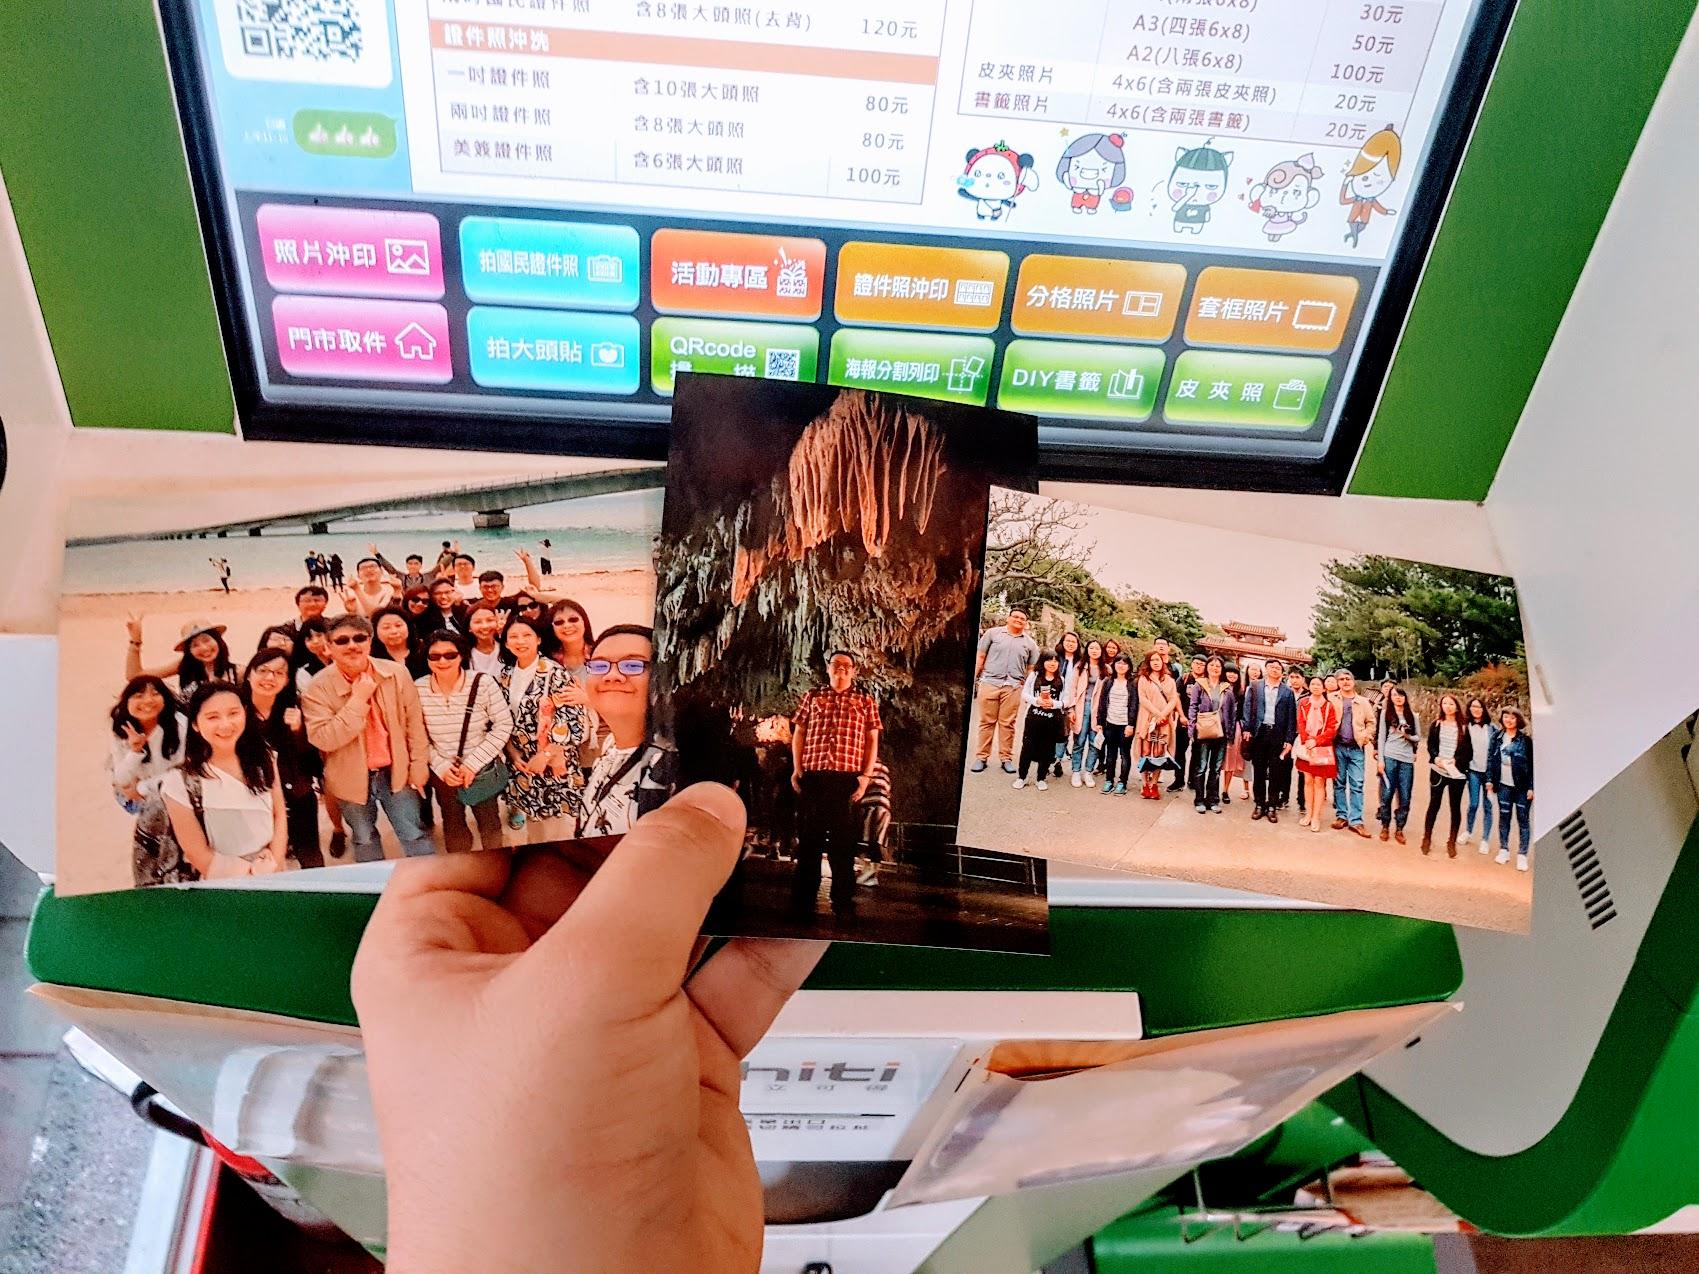 [攝影]隱身在全家的照片立可得,隨時沖洗高品質照片!